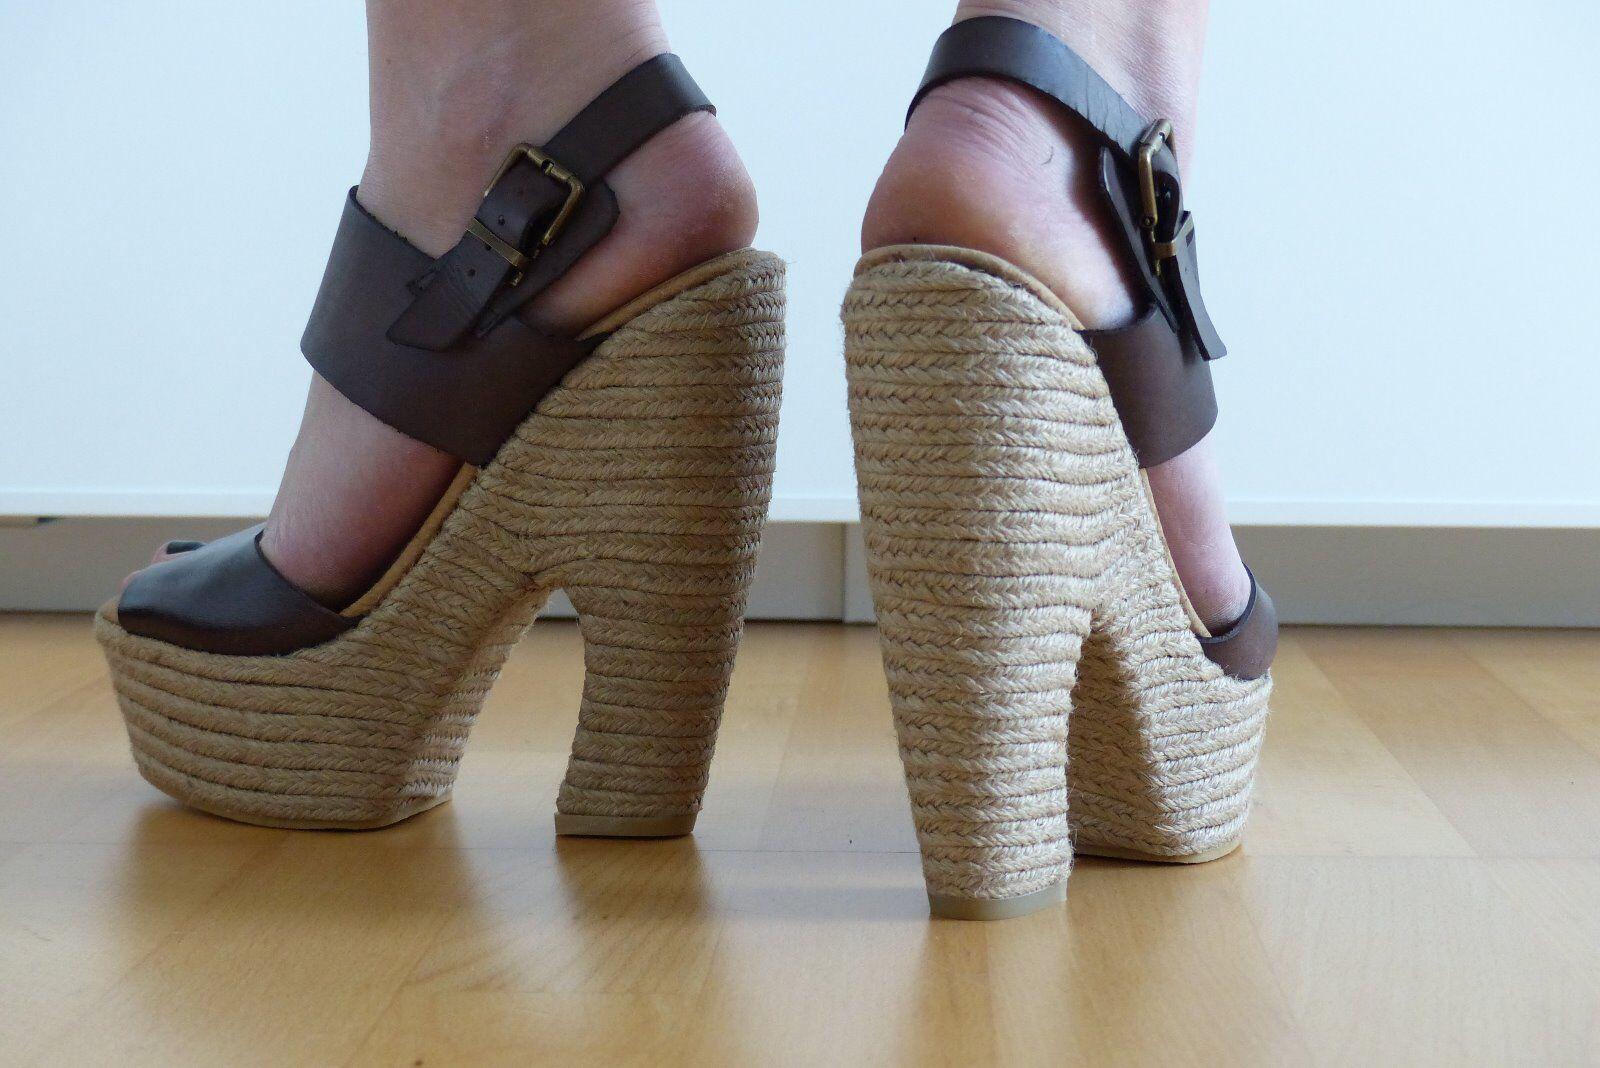 Topshop Sandaletten Sandales Sandales Sandaletten Bast Leder braun Gr. 39 UK UK 39 6 ... ef0a1c